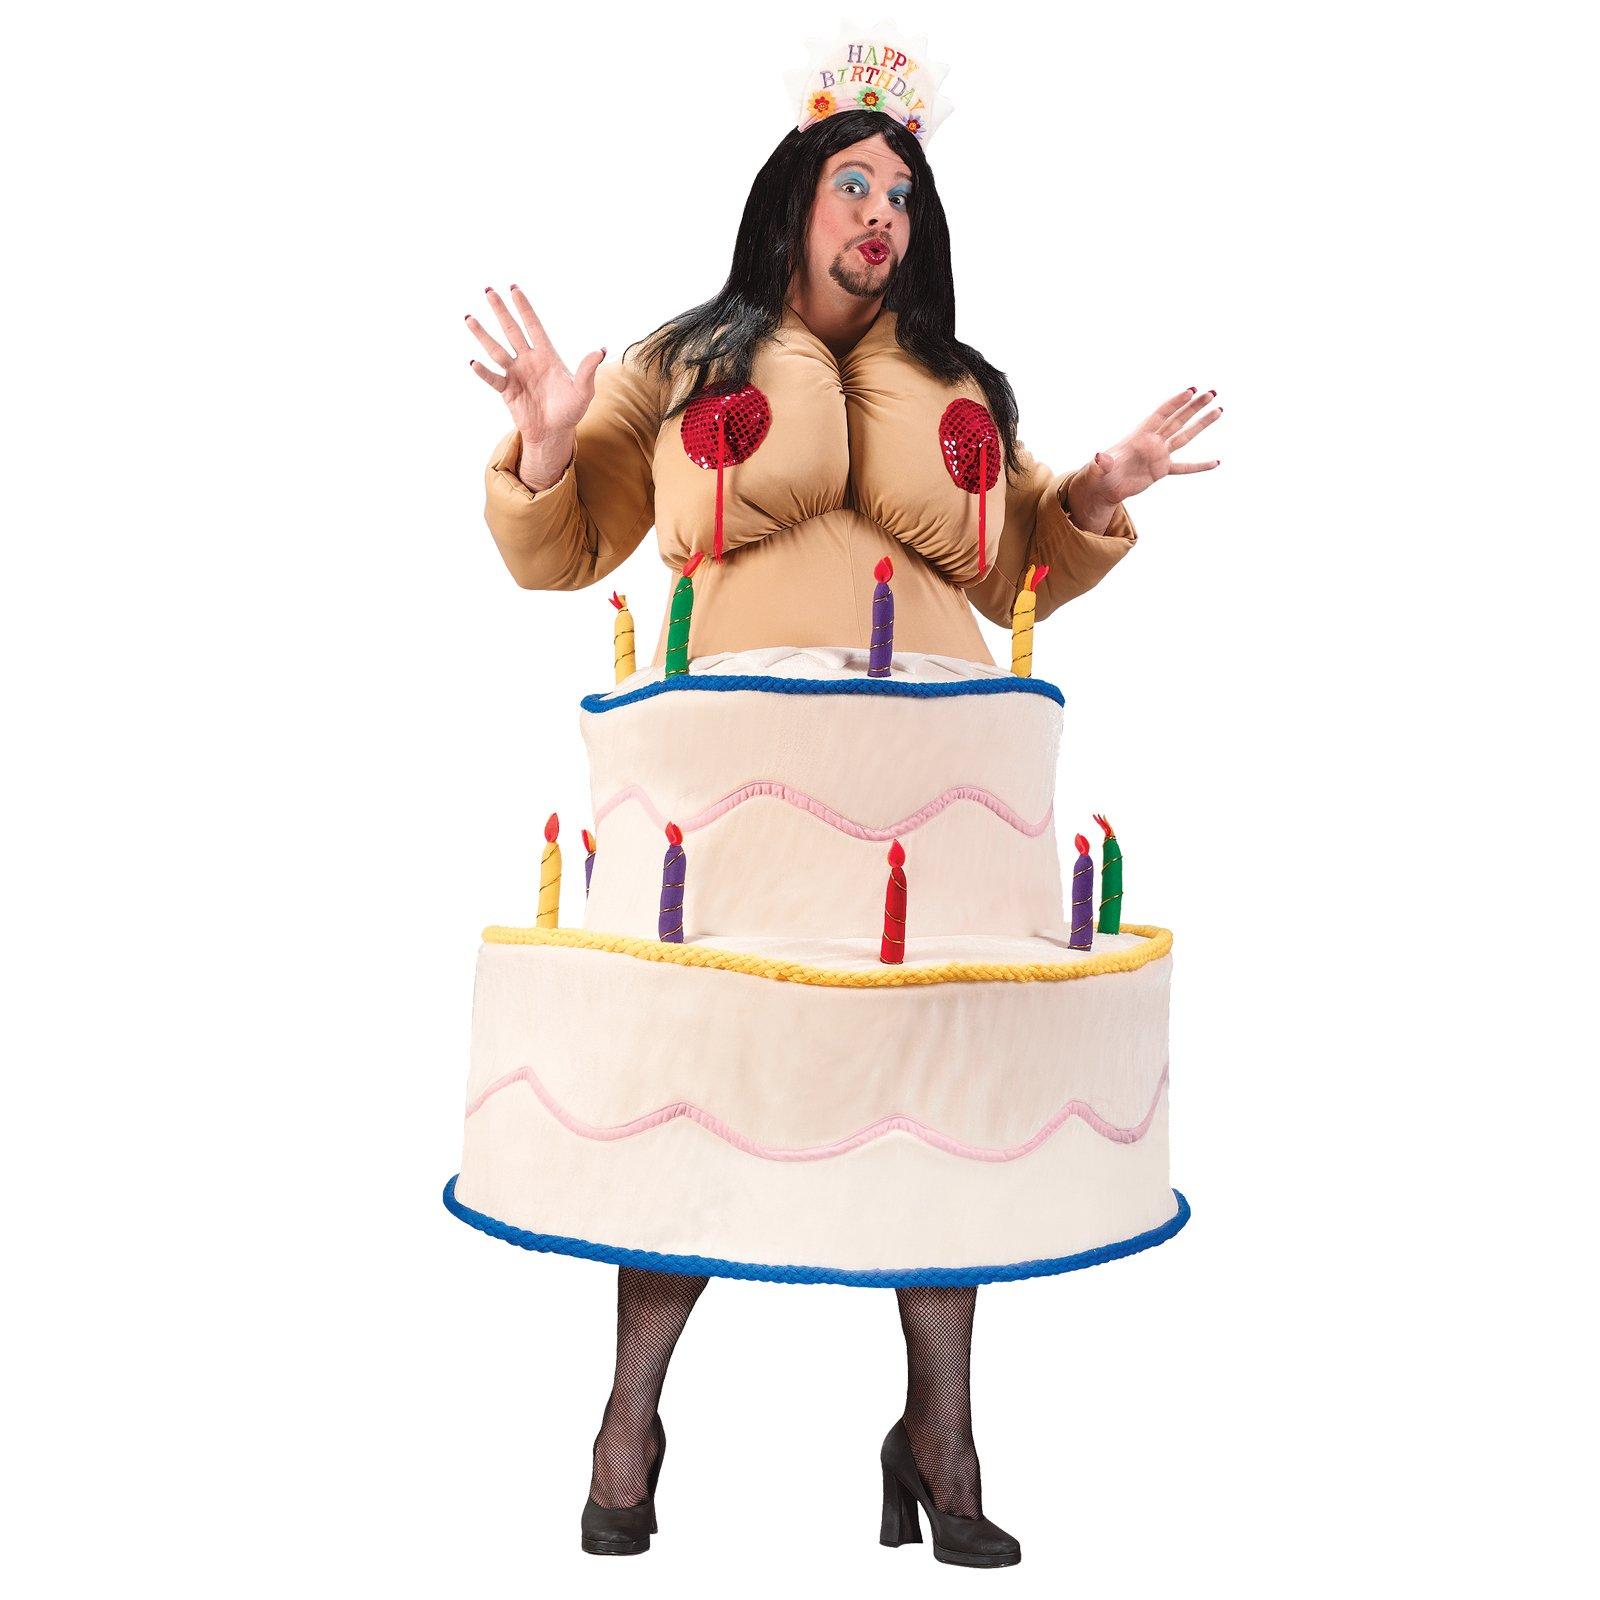 Happy Birthday Skeptic!